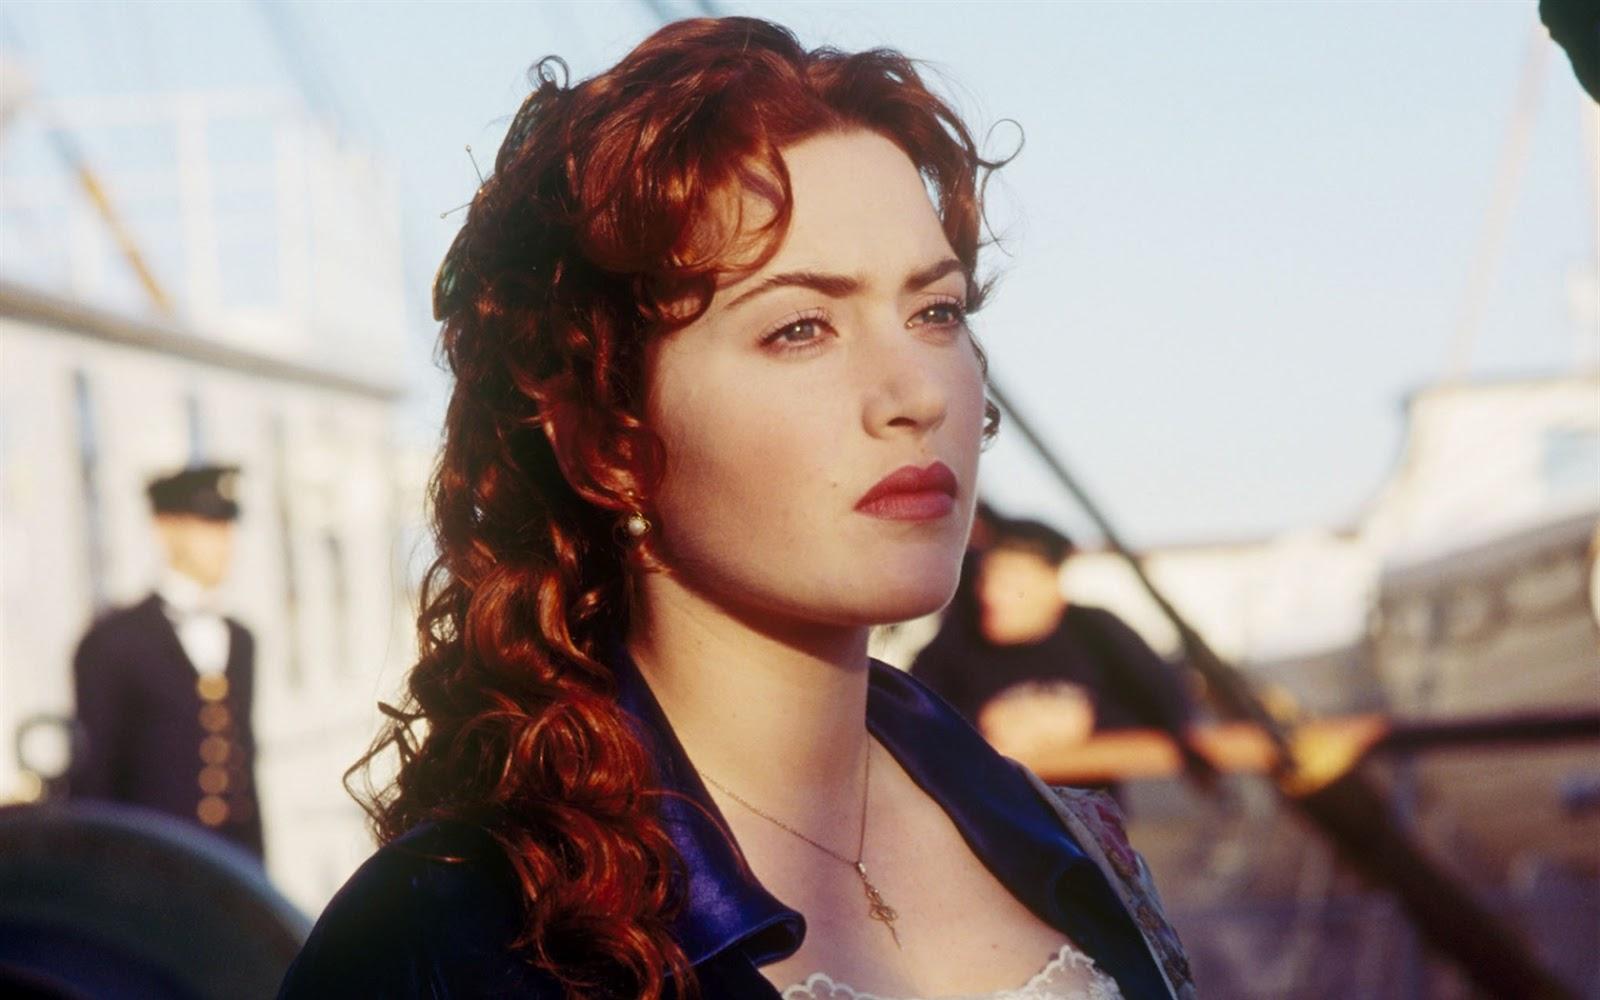 http://1.bp.blogspot.com/-Q4VDTlEZoRI/UC_PGYar75I/AAAAAAAALVE/oPuCUN9yNiU/s1600/Kate_Winslet-Titanic_3D_high-definition_movie_Wallpapers_10_1680x1050-maya-vfx-jaffna-movie-short-flim.jpg